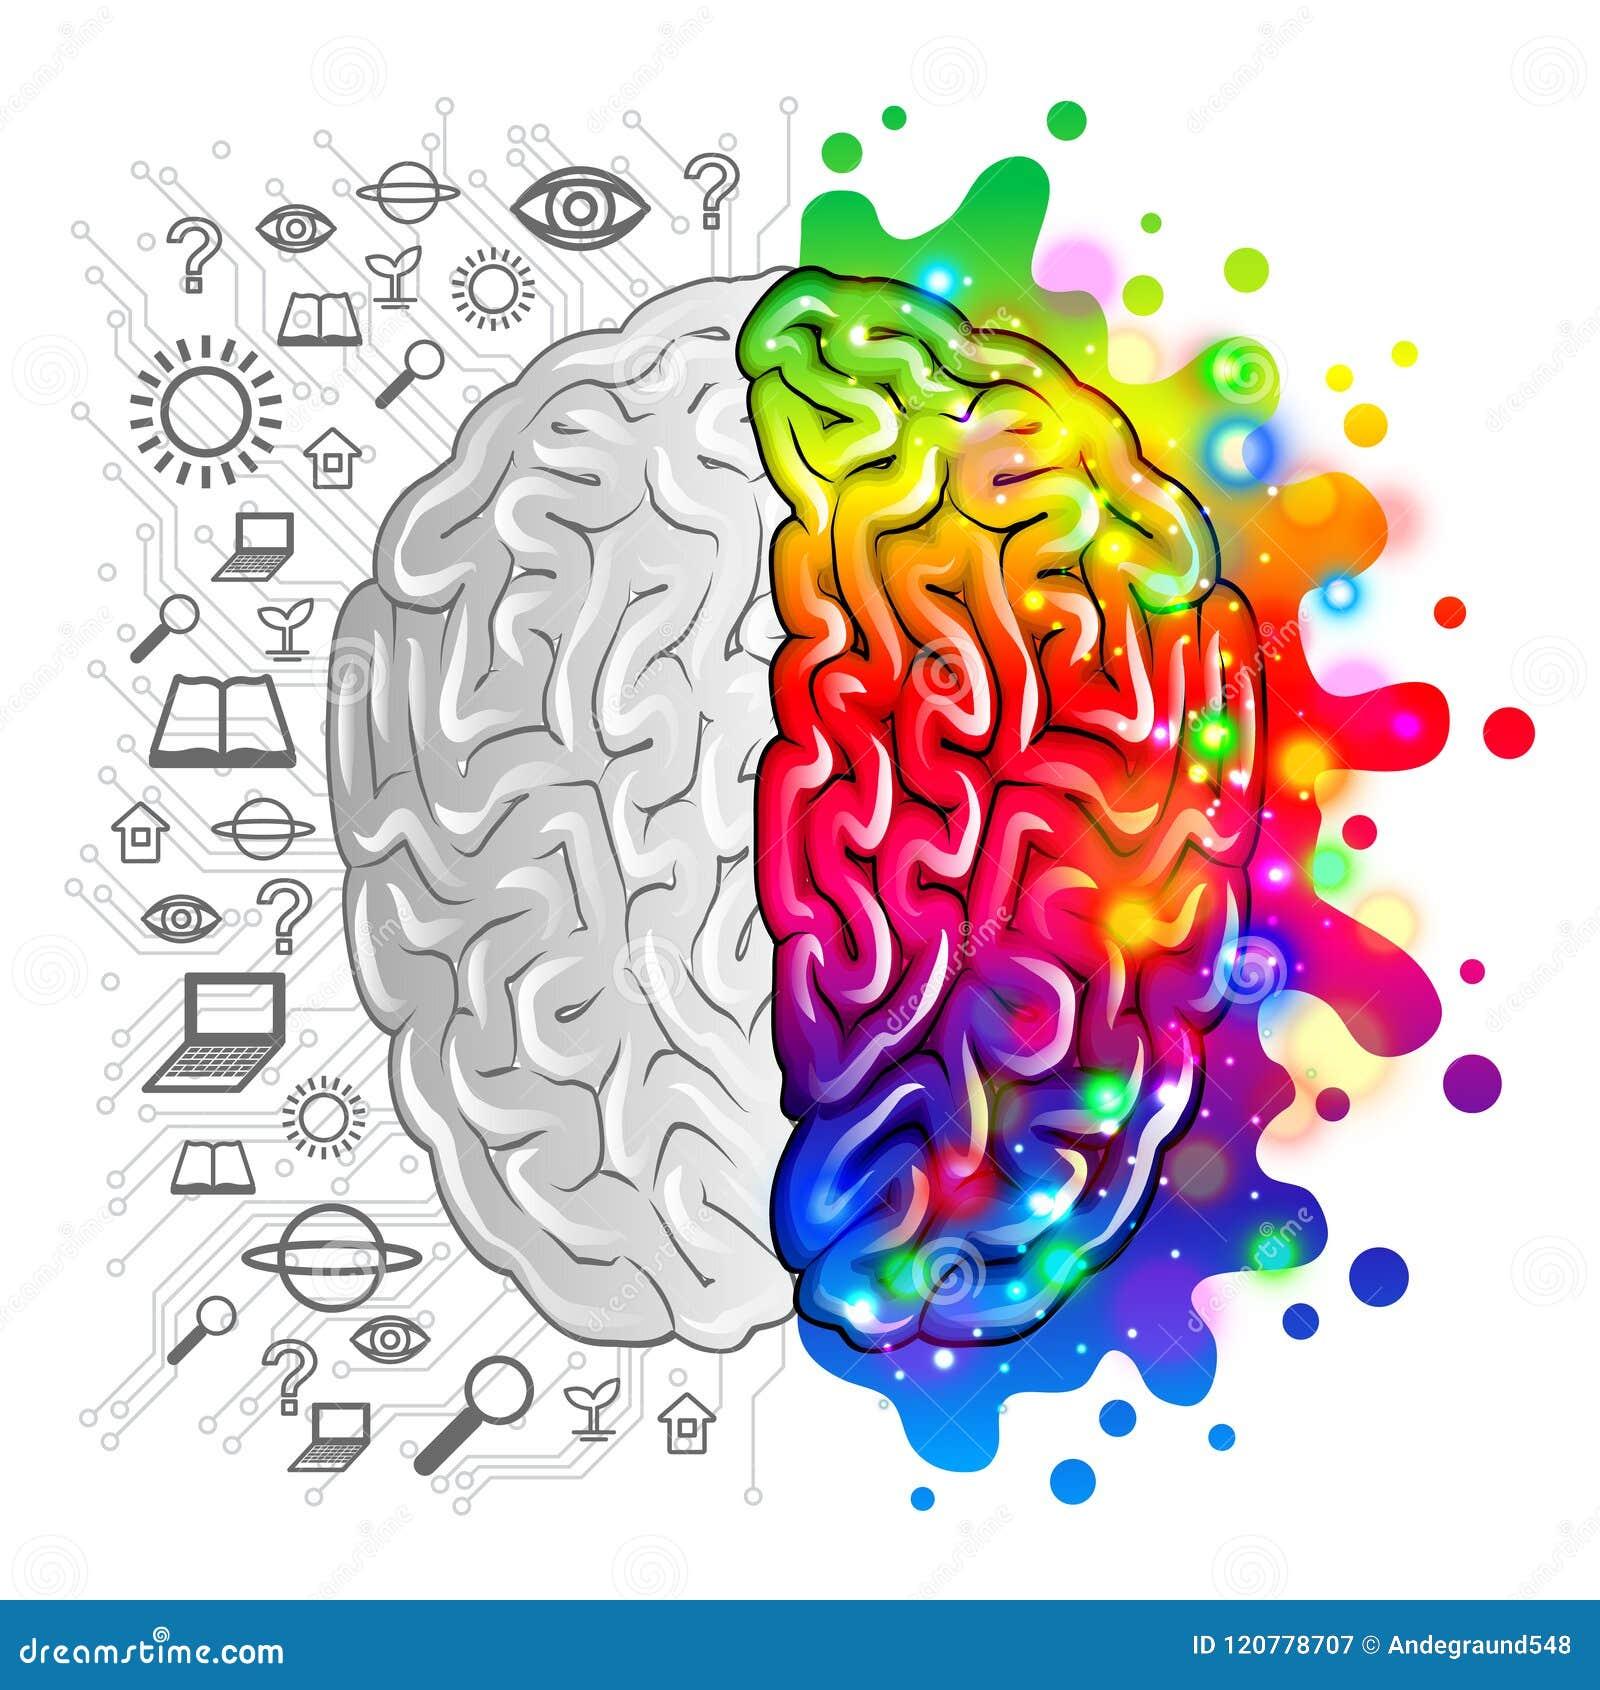 Logica di concetto del cervello umano e vettore creativo